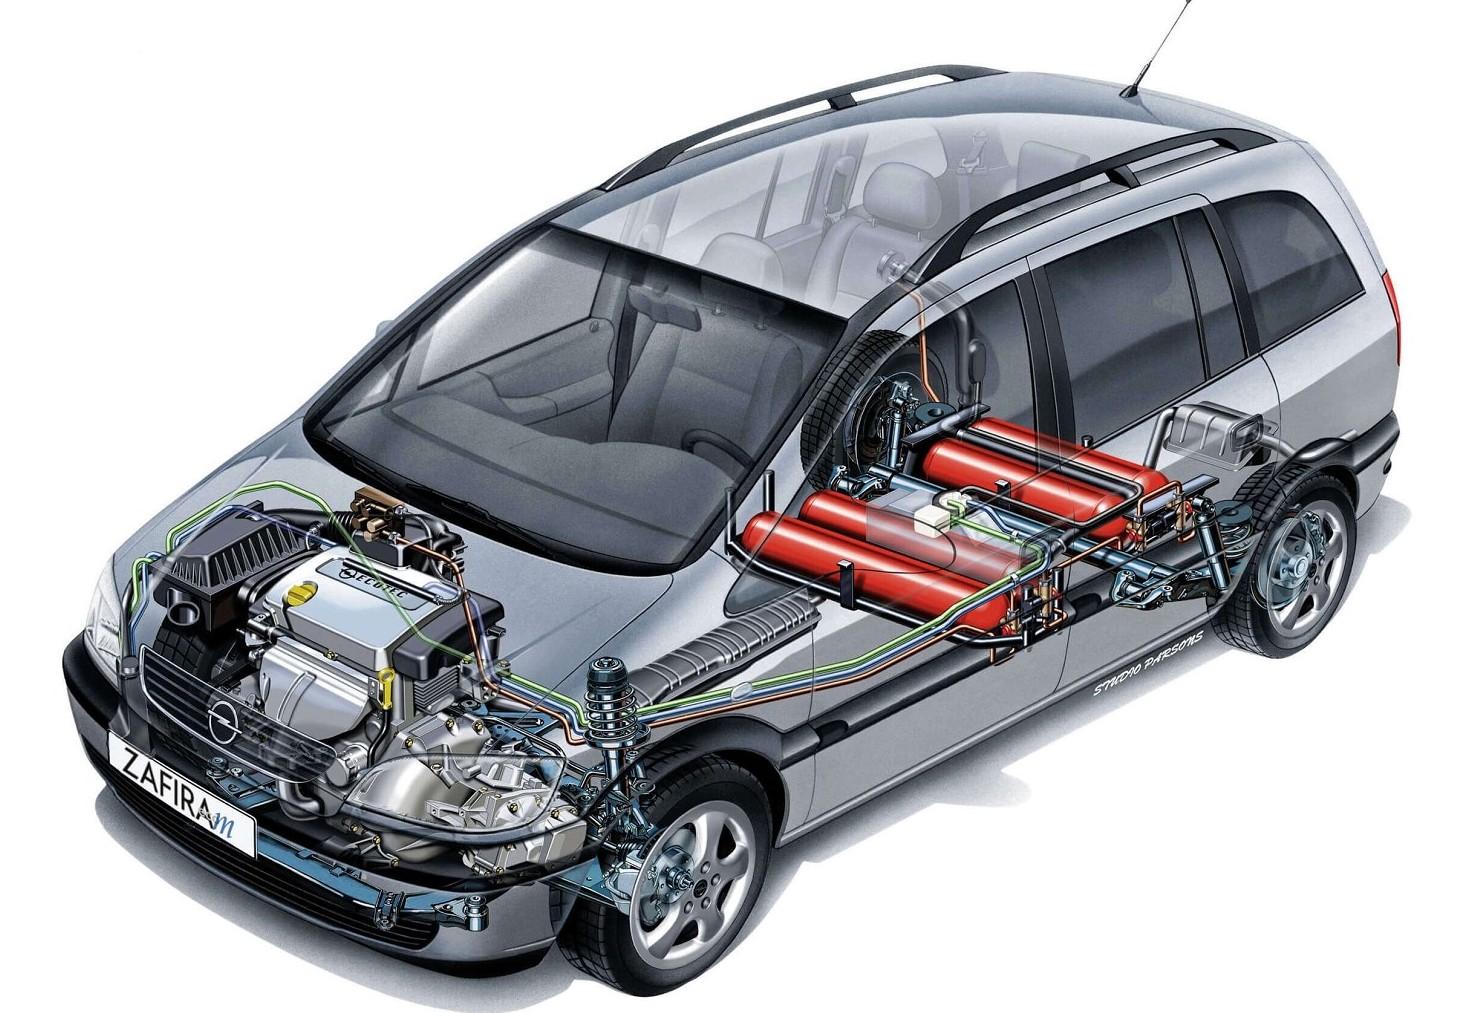 Quanto costa installare un impianto gpl su un'auto?